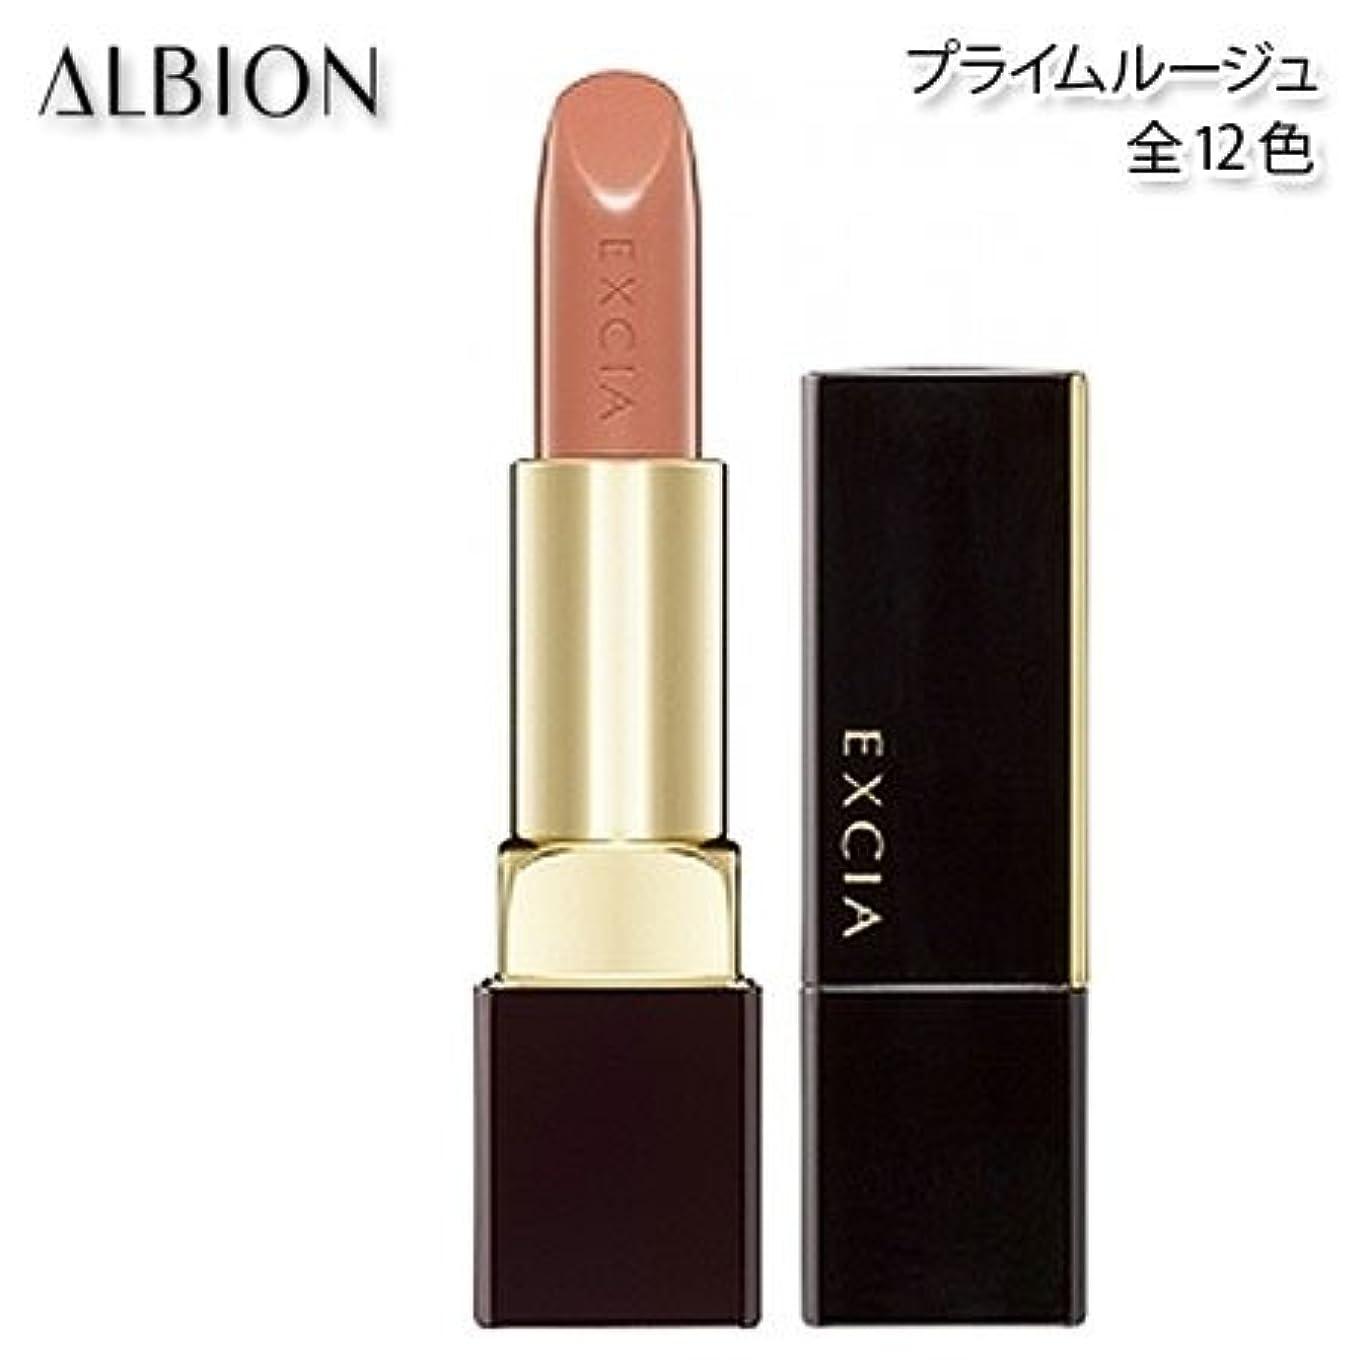 ミル顔料いろいろアルビオン エクシア AL プライムルージュ 4.2g 12色 -ALBION- RD300